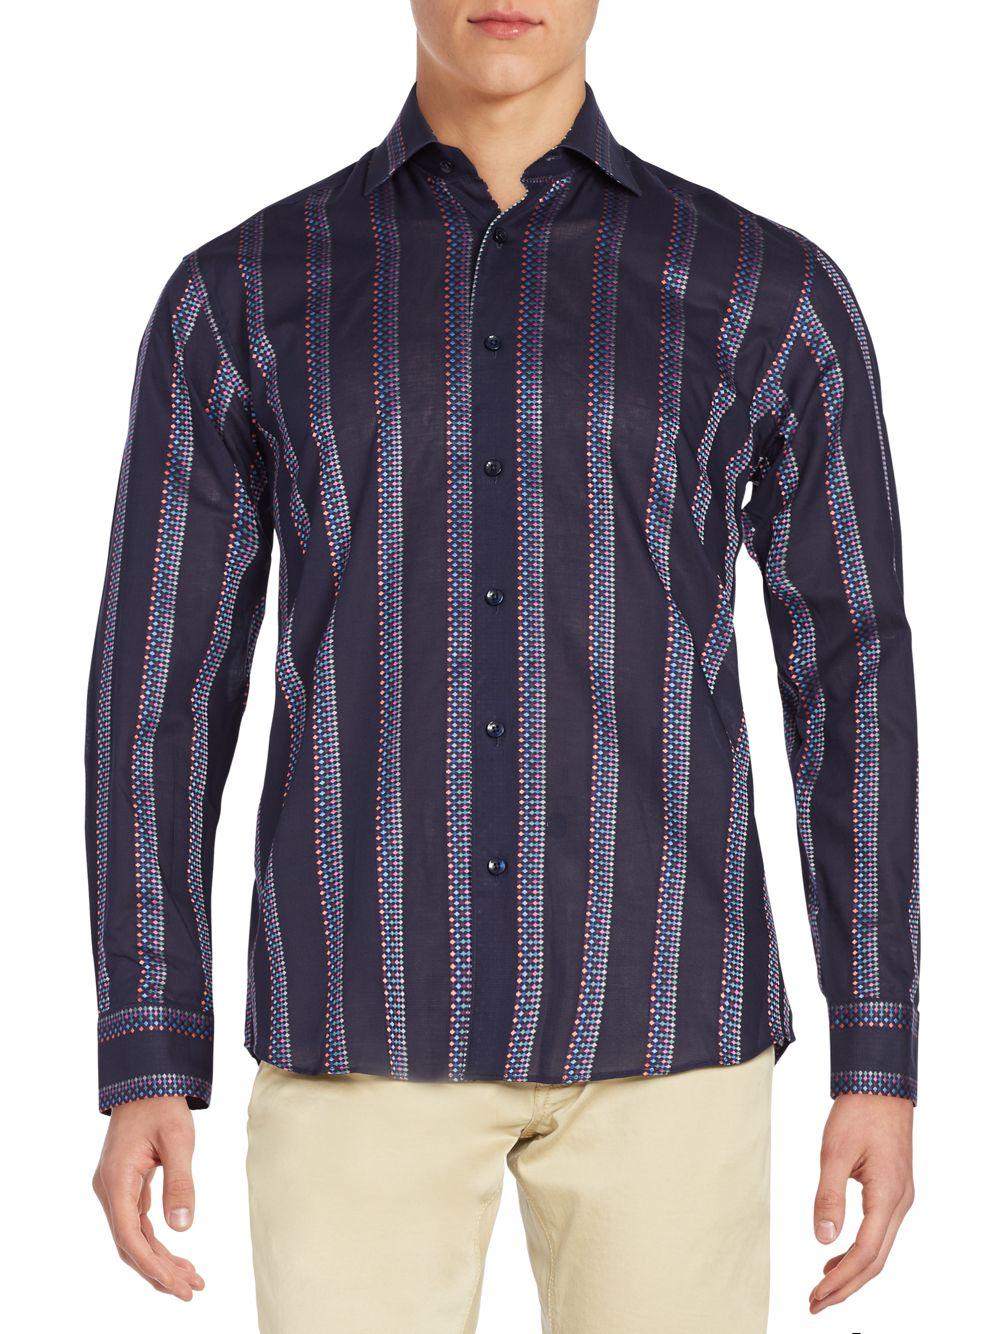 Bertigo striped button down shirt in metallic for men lyst for Striped button down shirts for men